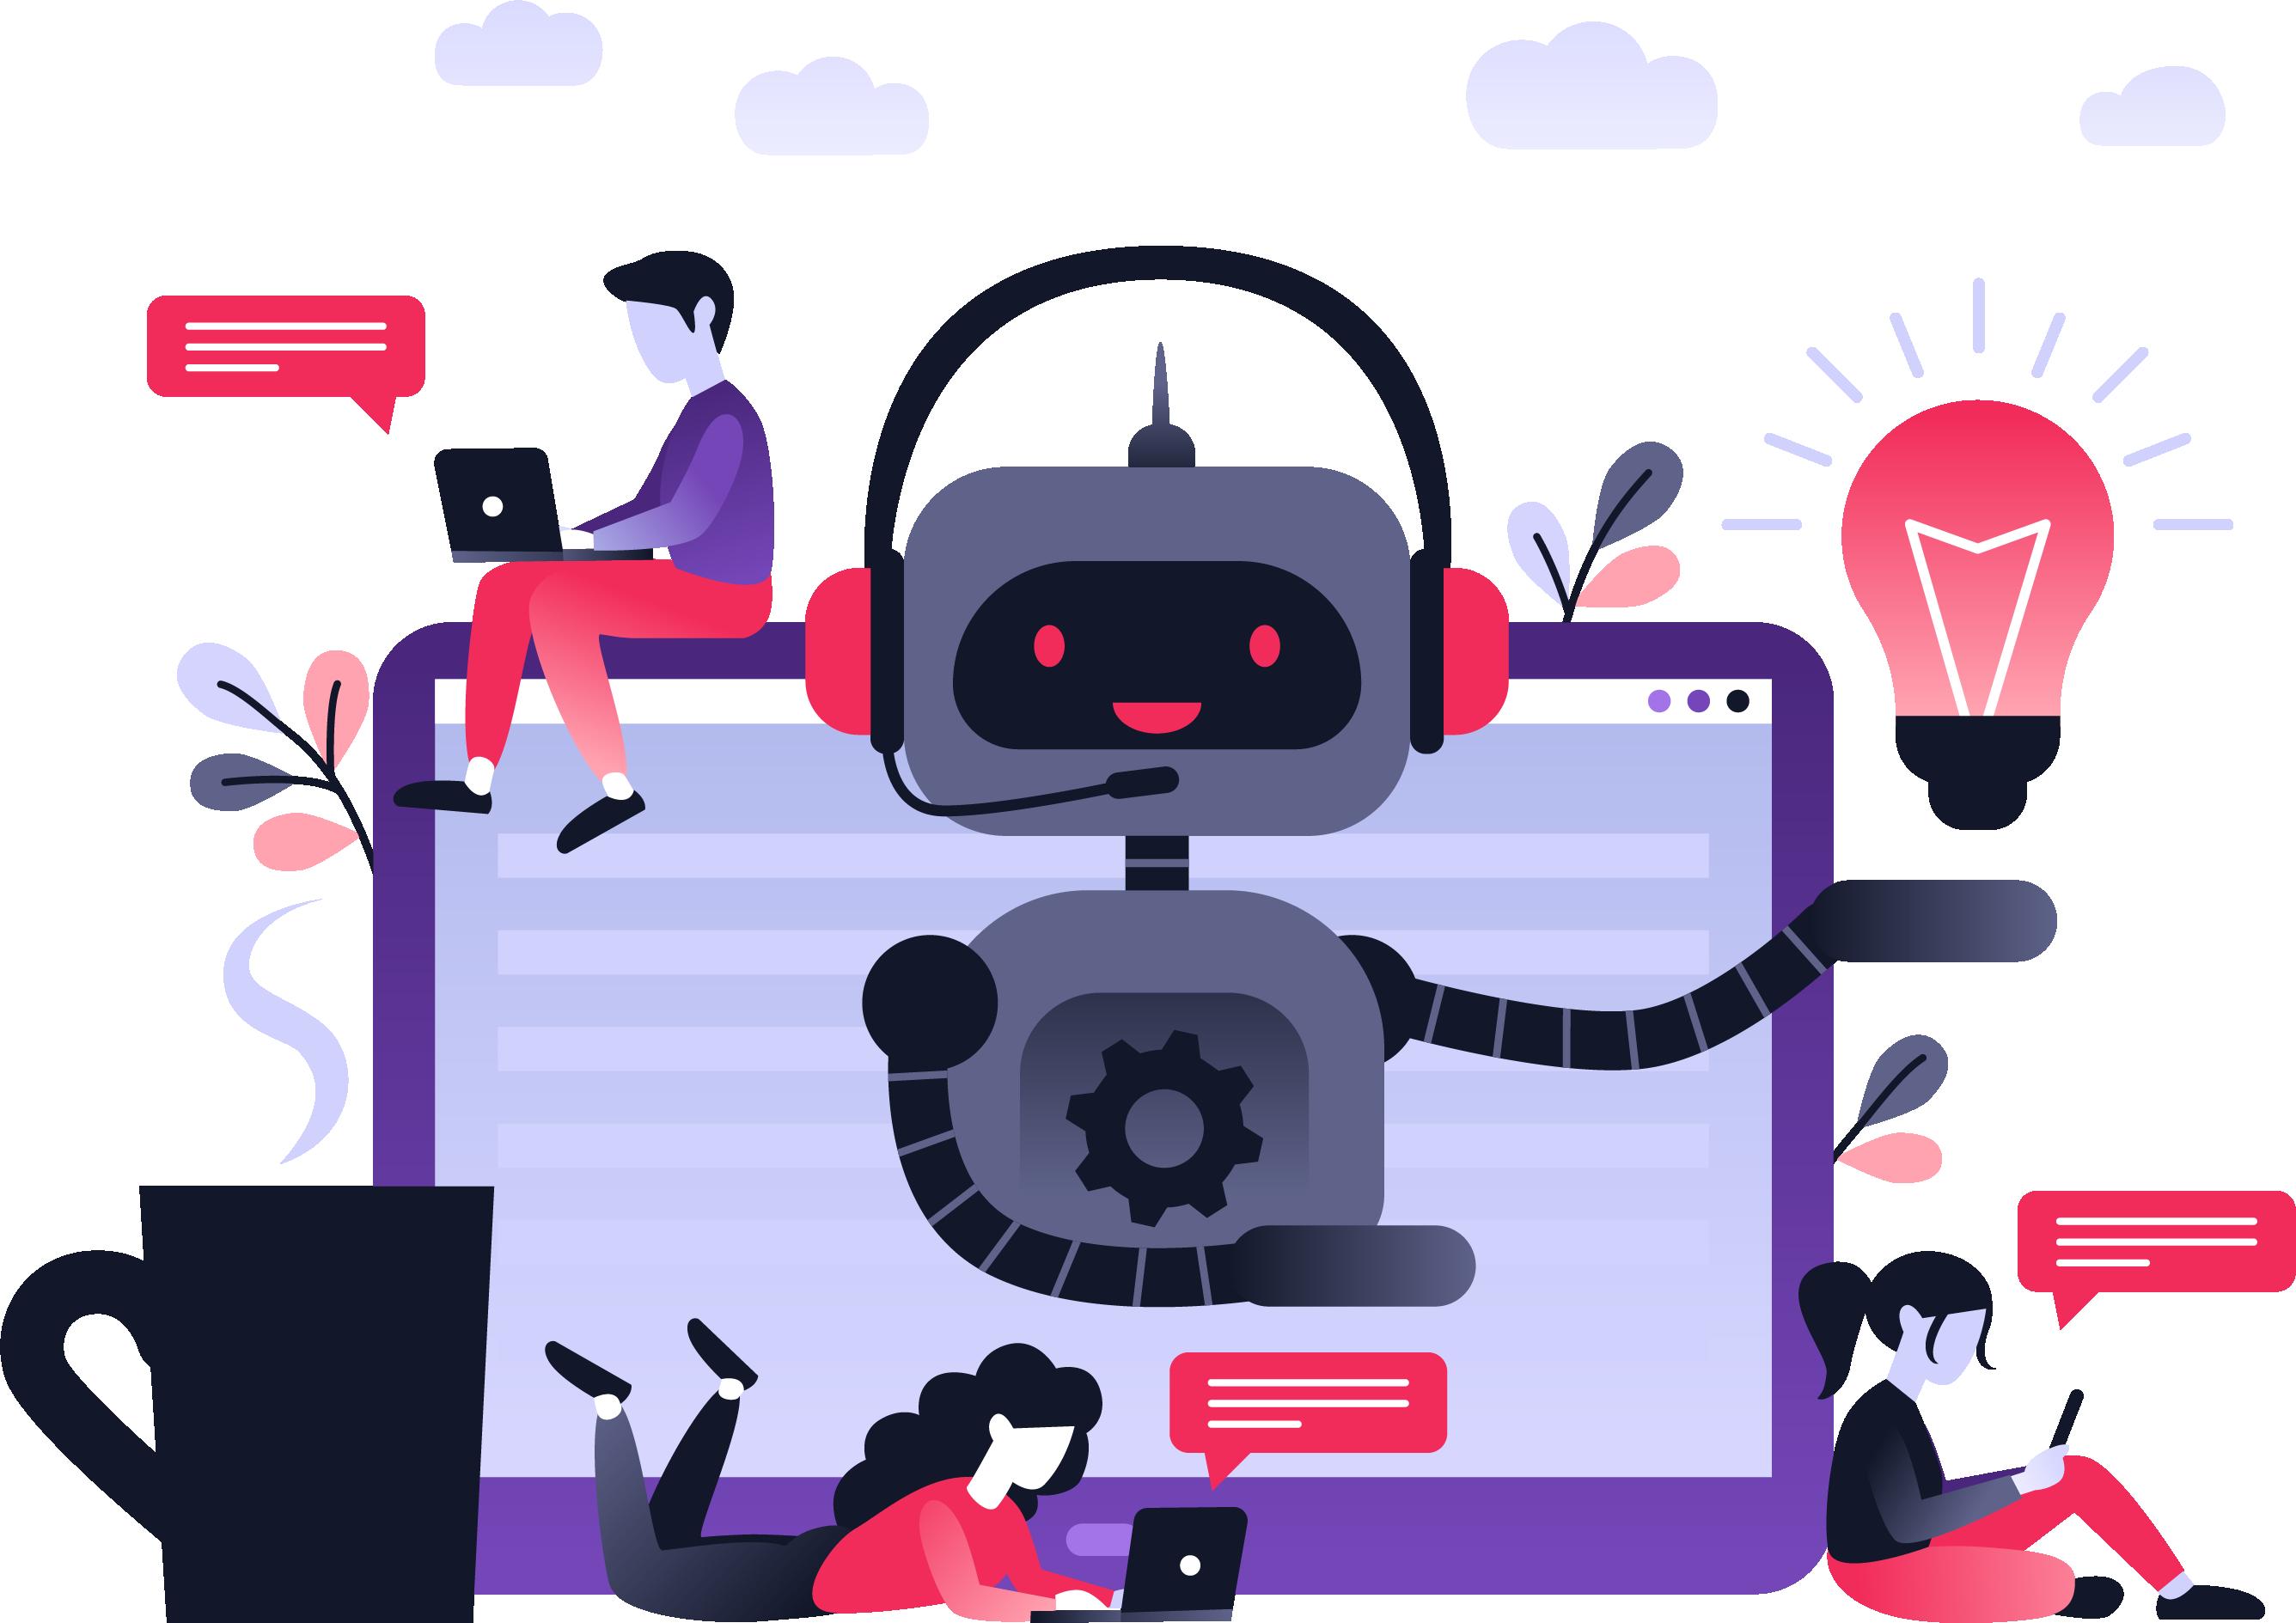 Chatbotbusinessconcept